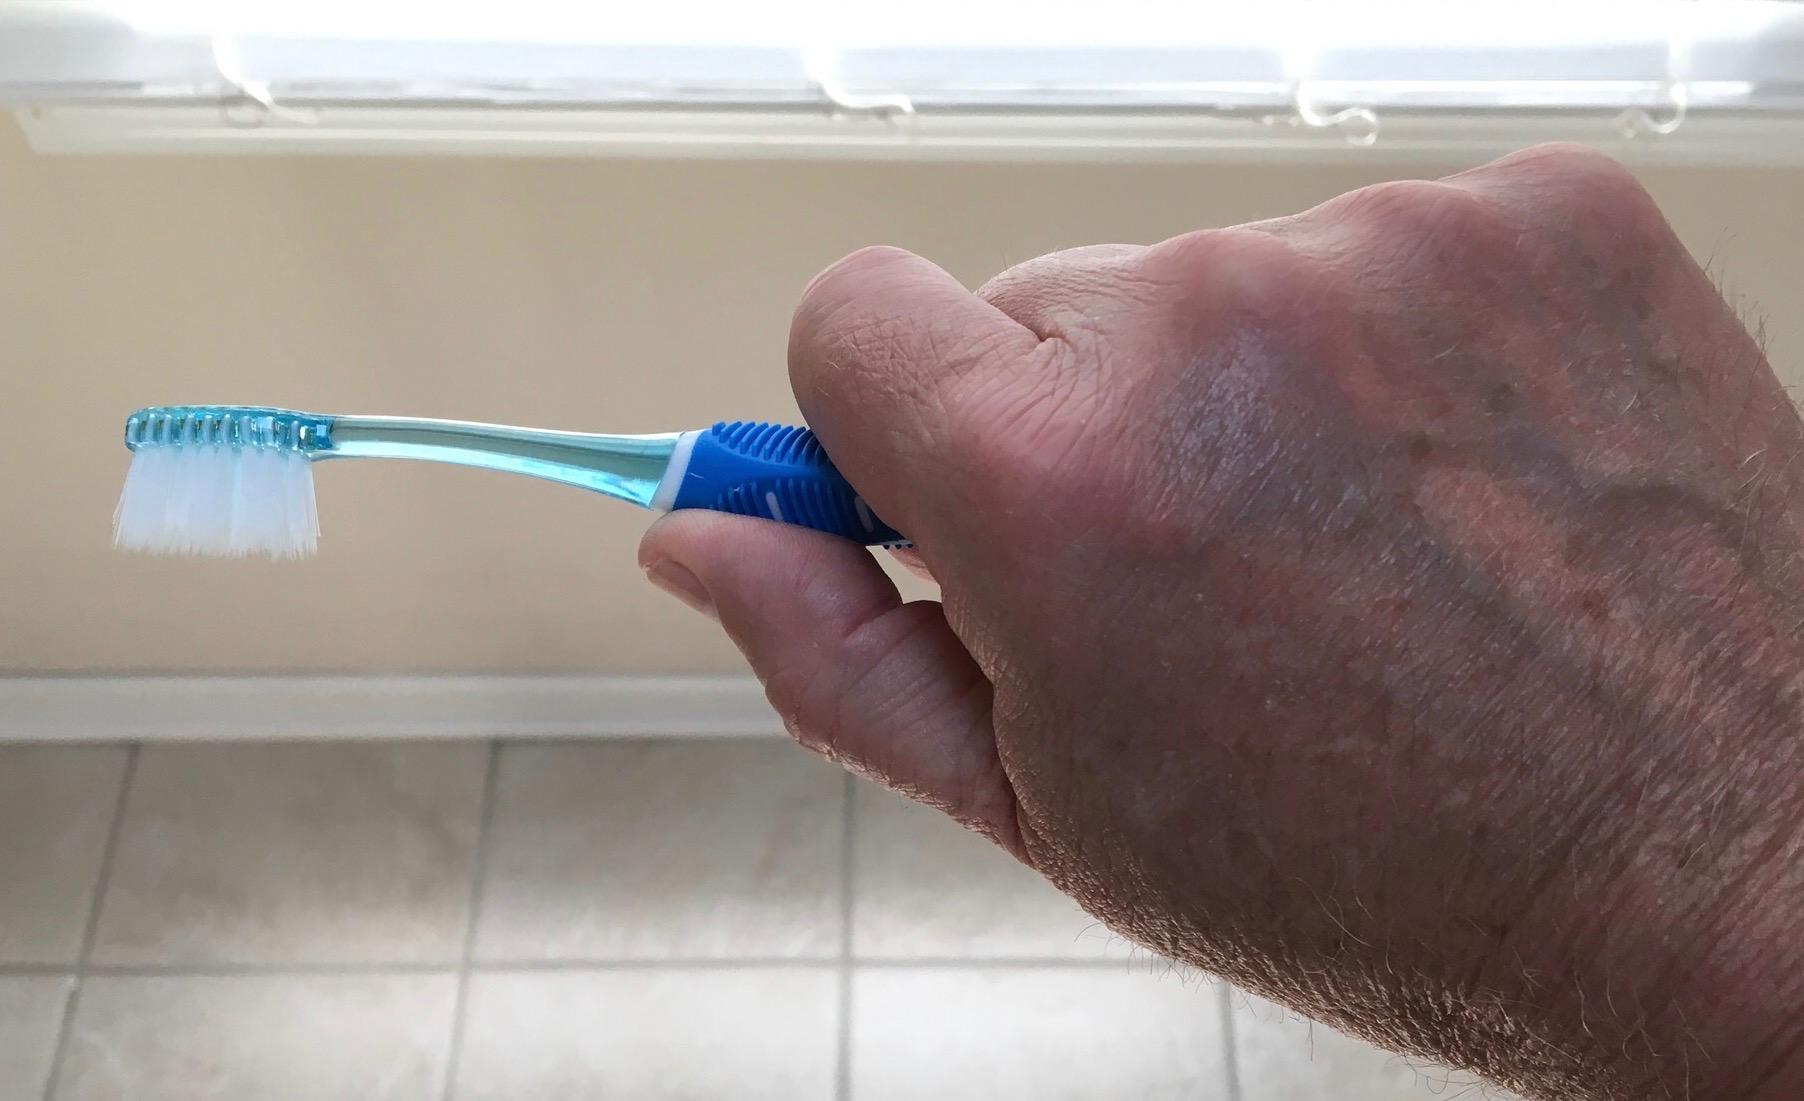 Toothbrush grip